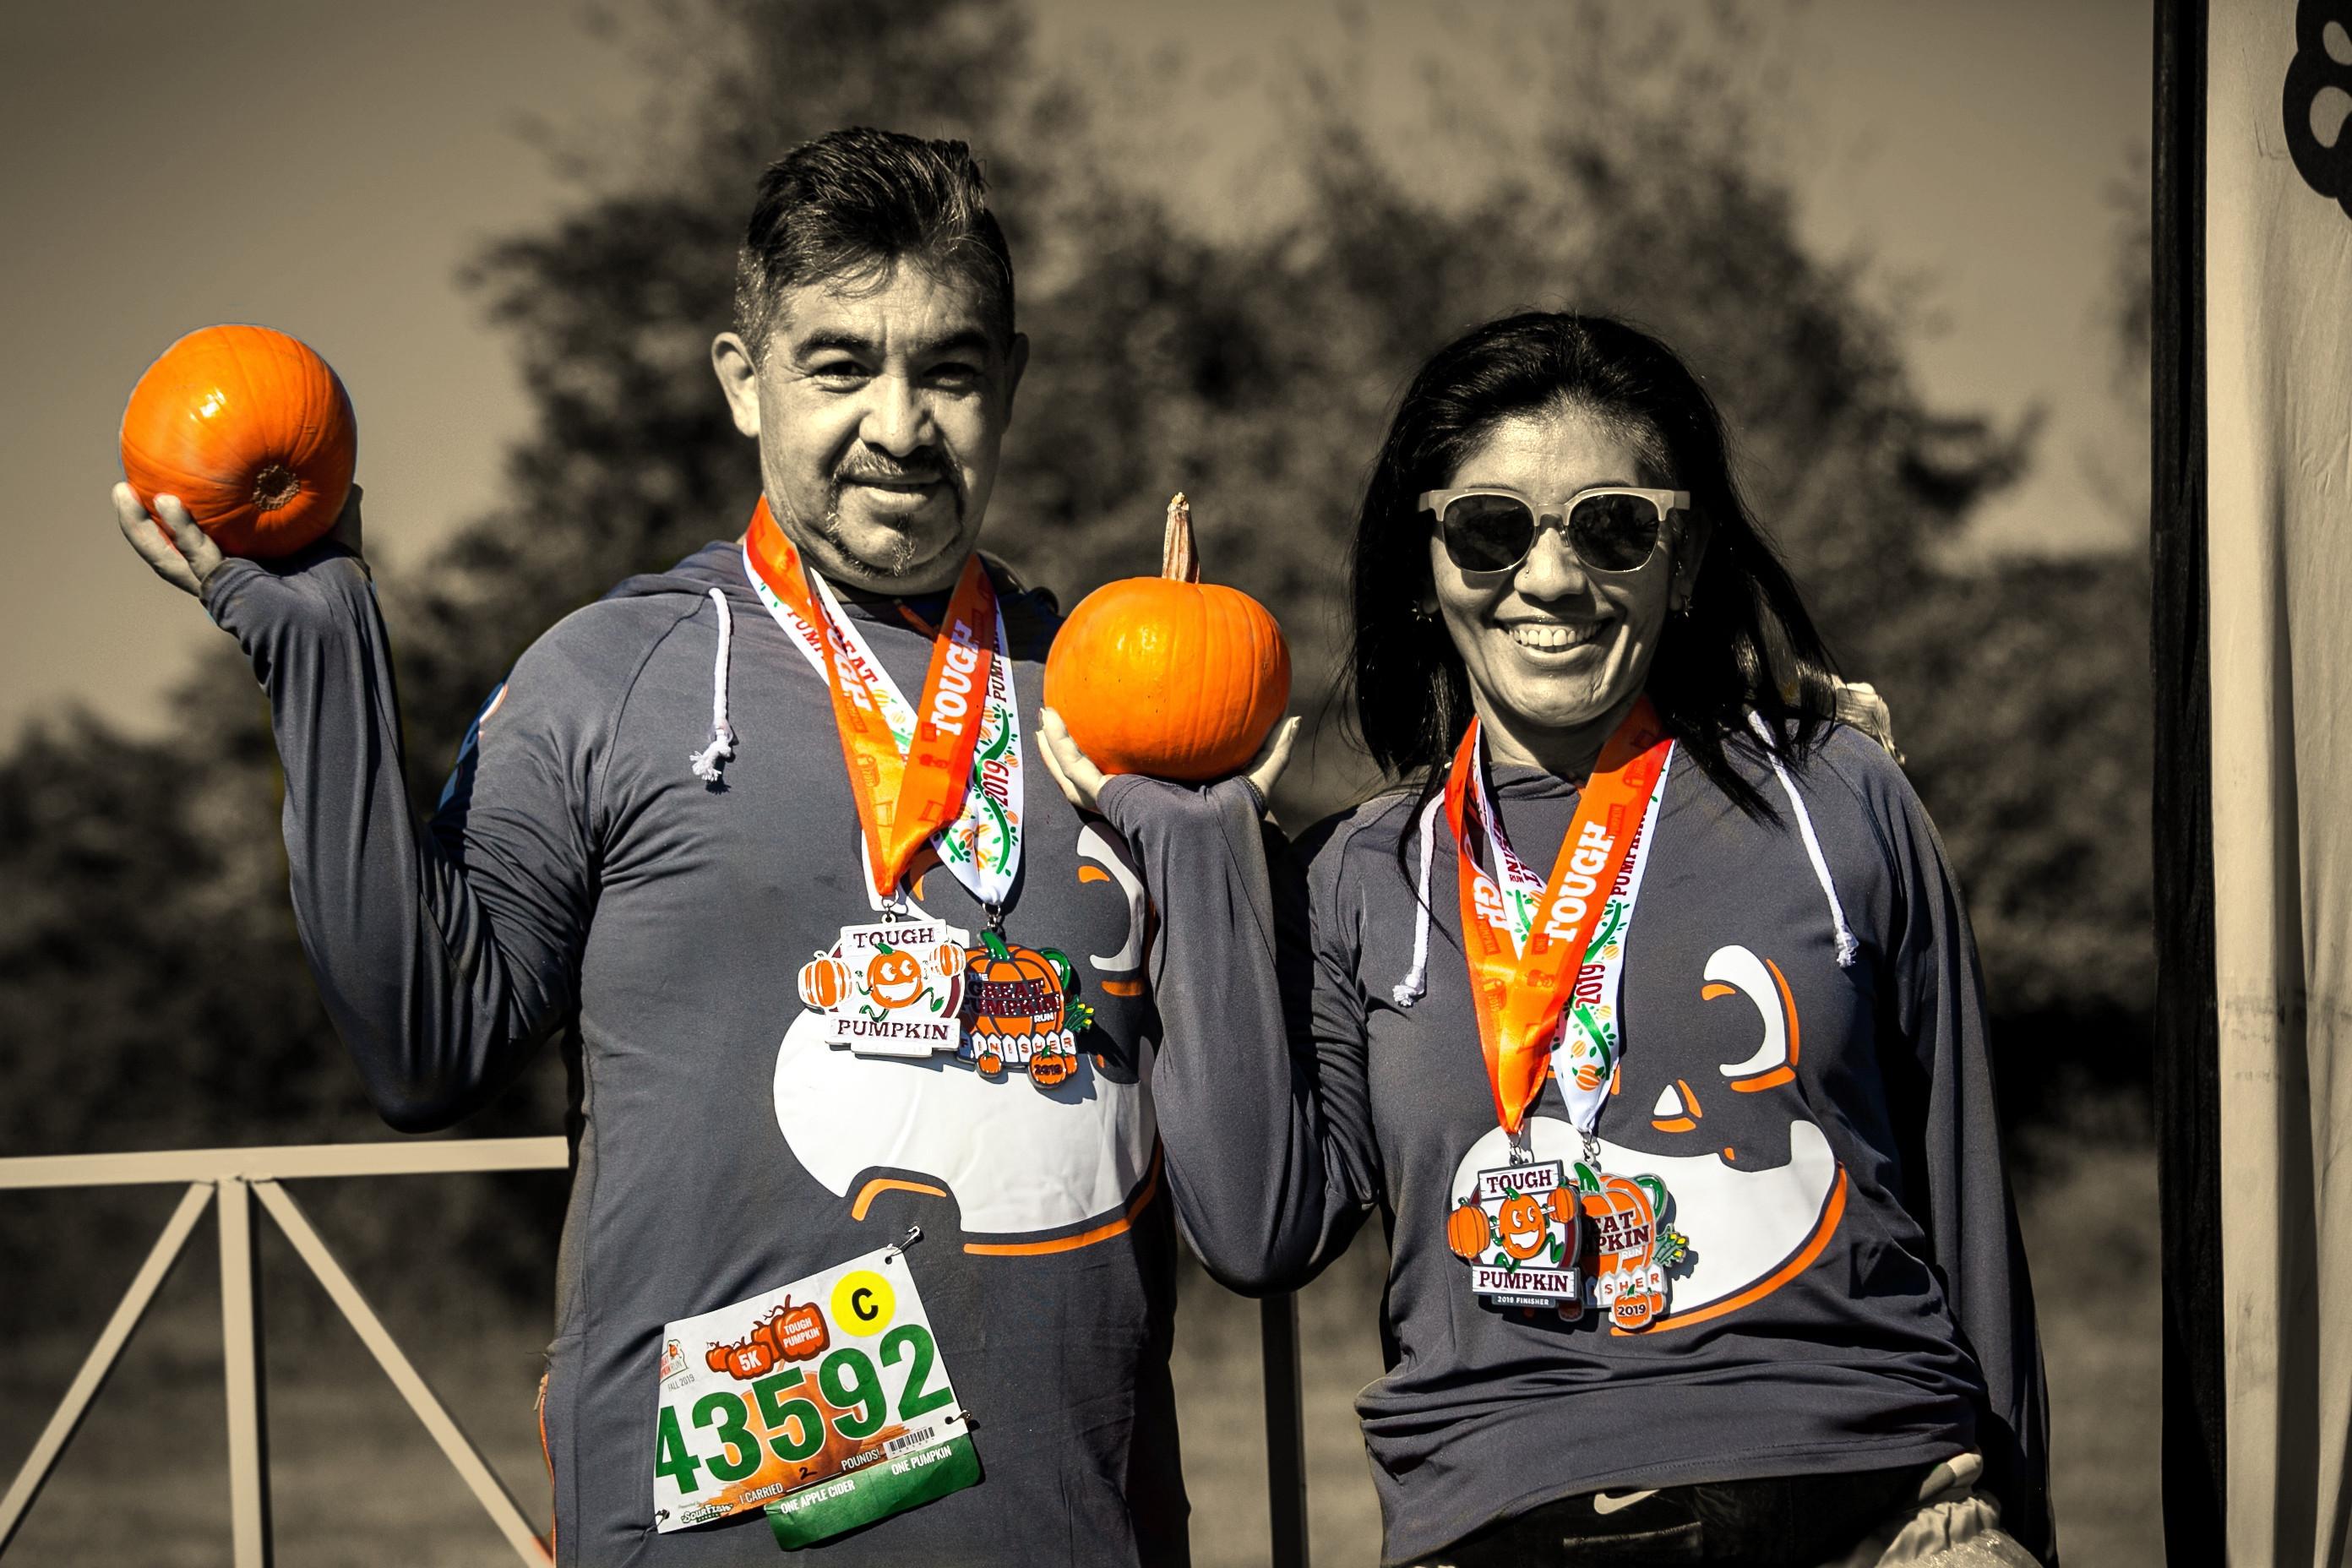 Gourdy S Pumpkin Run St Louis